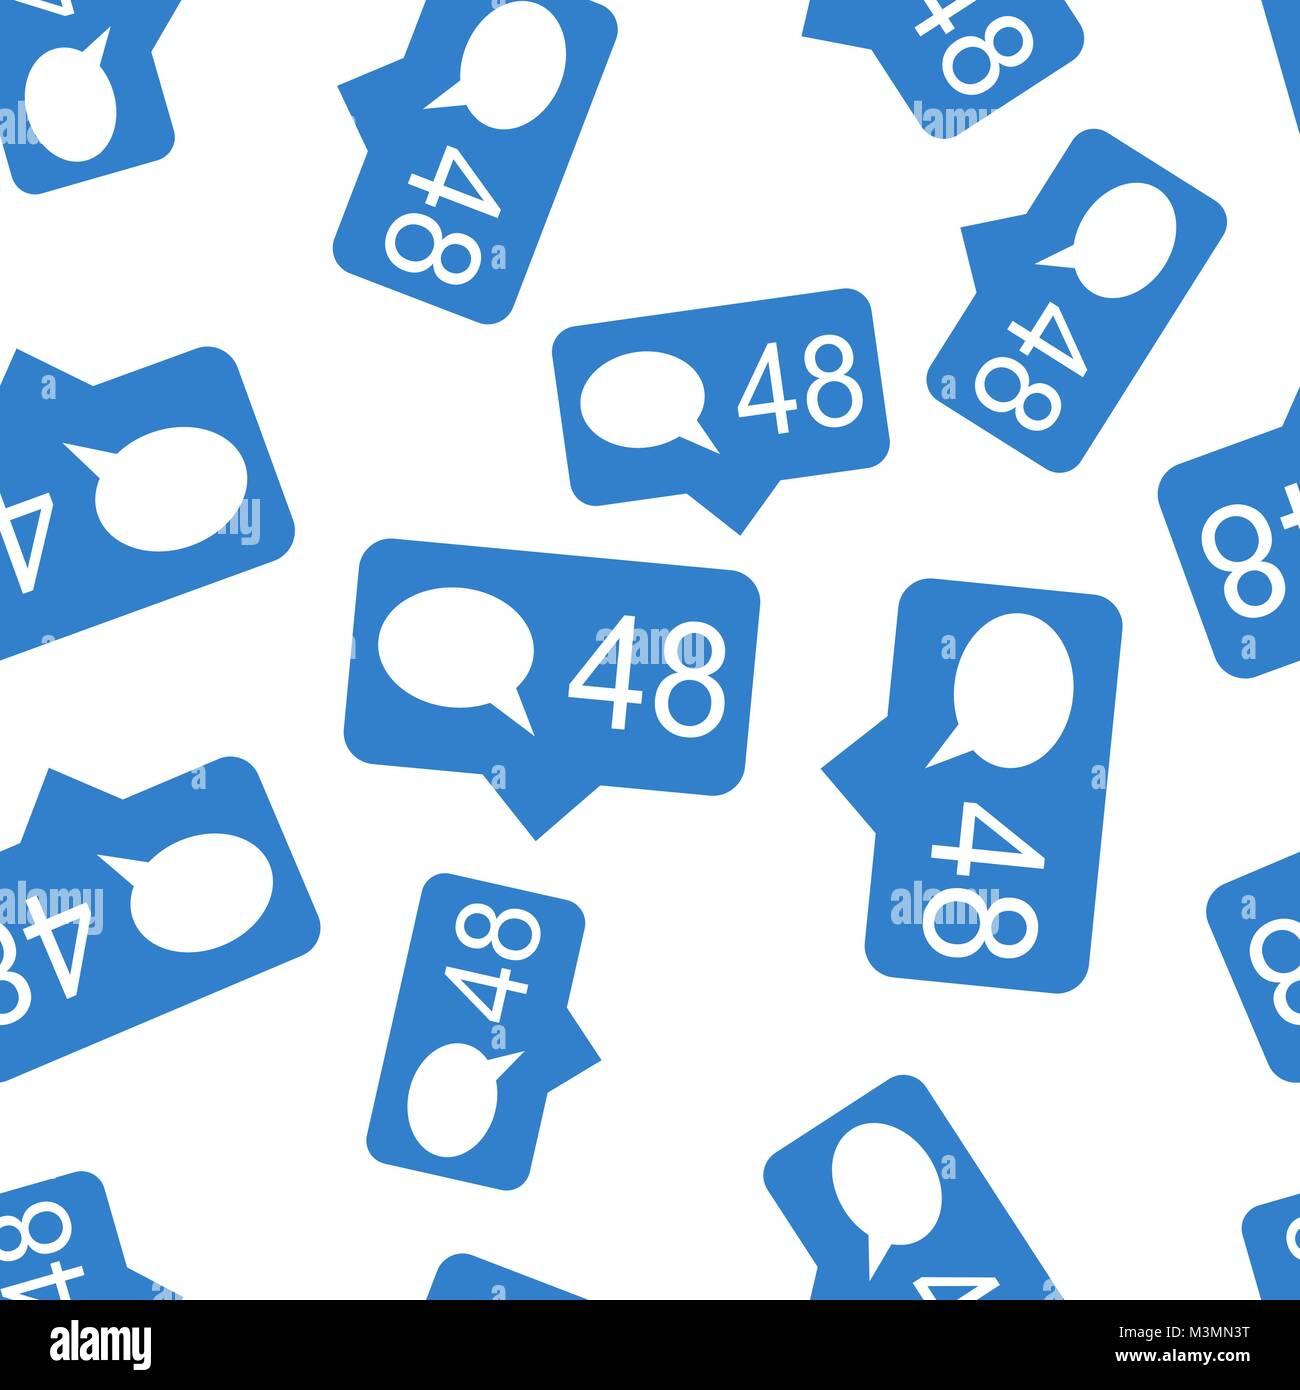 Großzügig Vorlage Soziales Netzwerk Ideen - Entry Level Resume ...